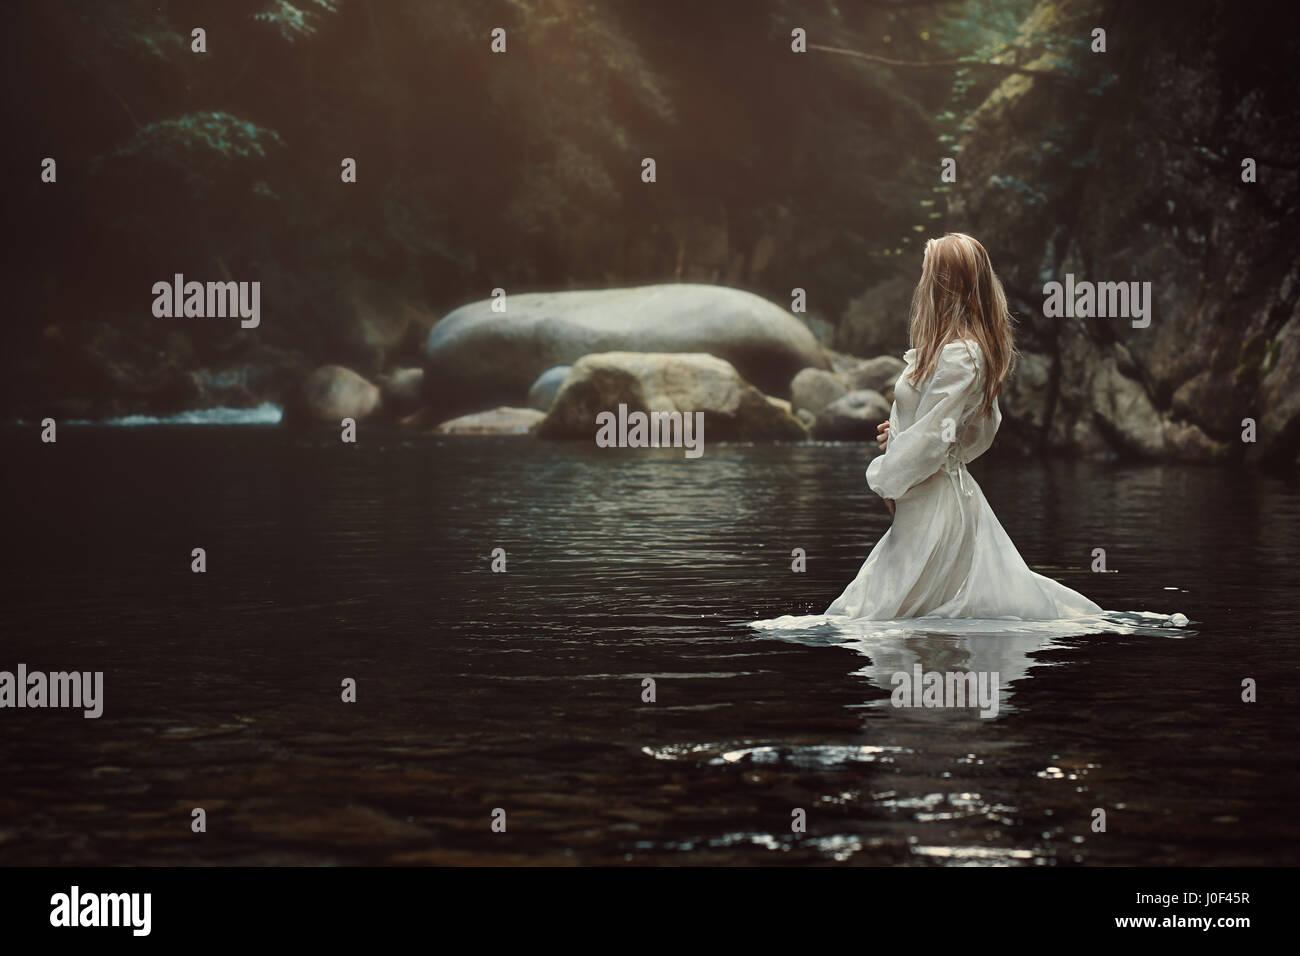 Hermosa mujer victoriana en Arroyo místico. Hadas y fantasía Imagen De Stock